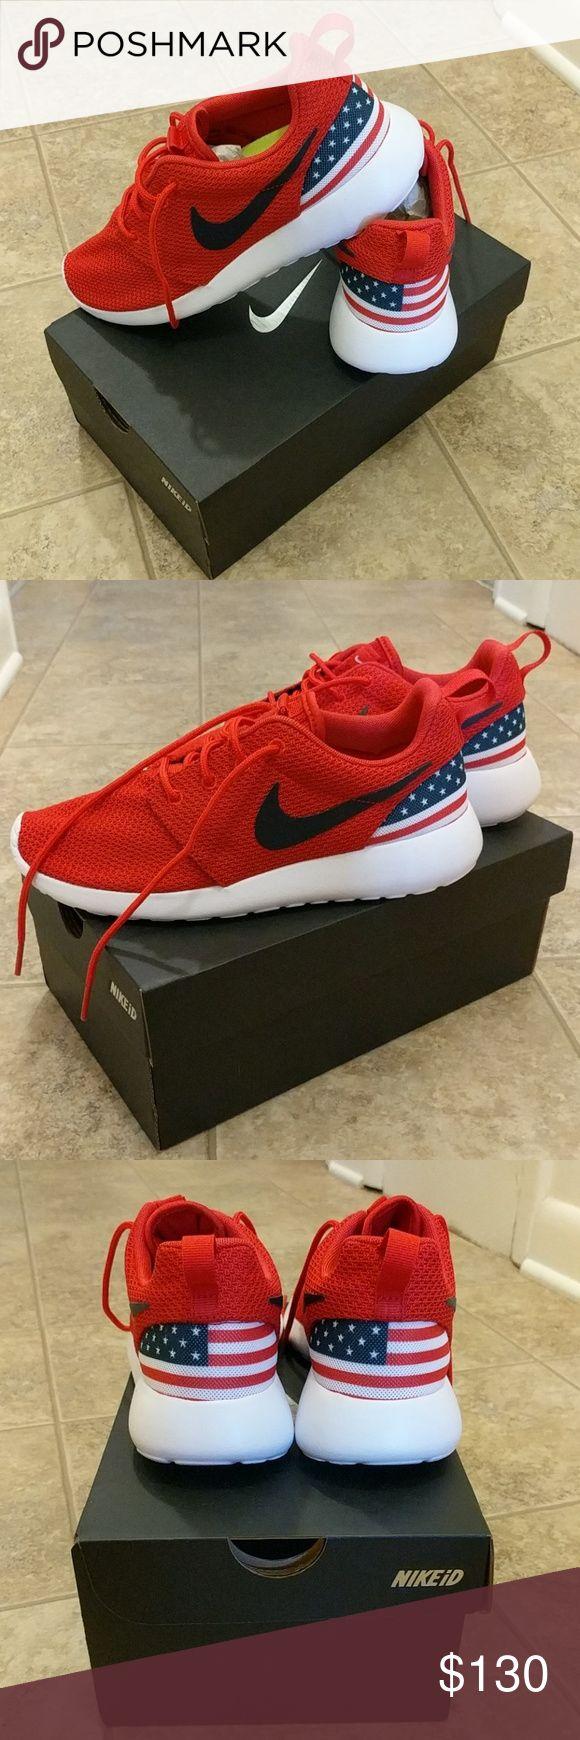 Nike USA Roshe Sneakers Custom Nike iD Team USA Roshe Sneakers Nike Shoes Sneakers